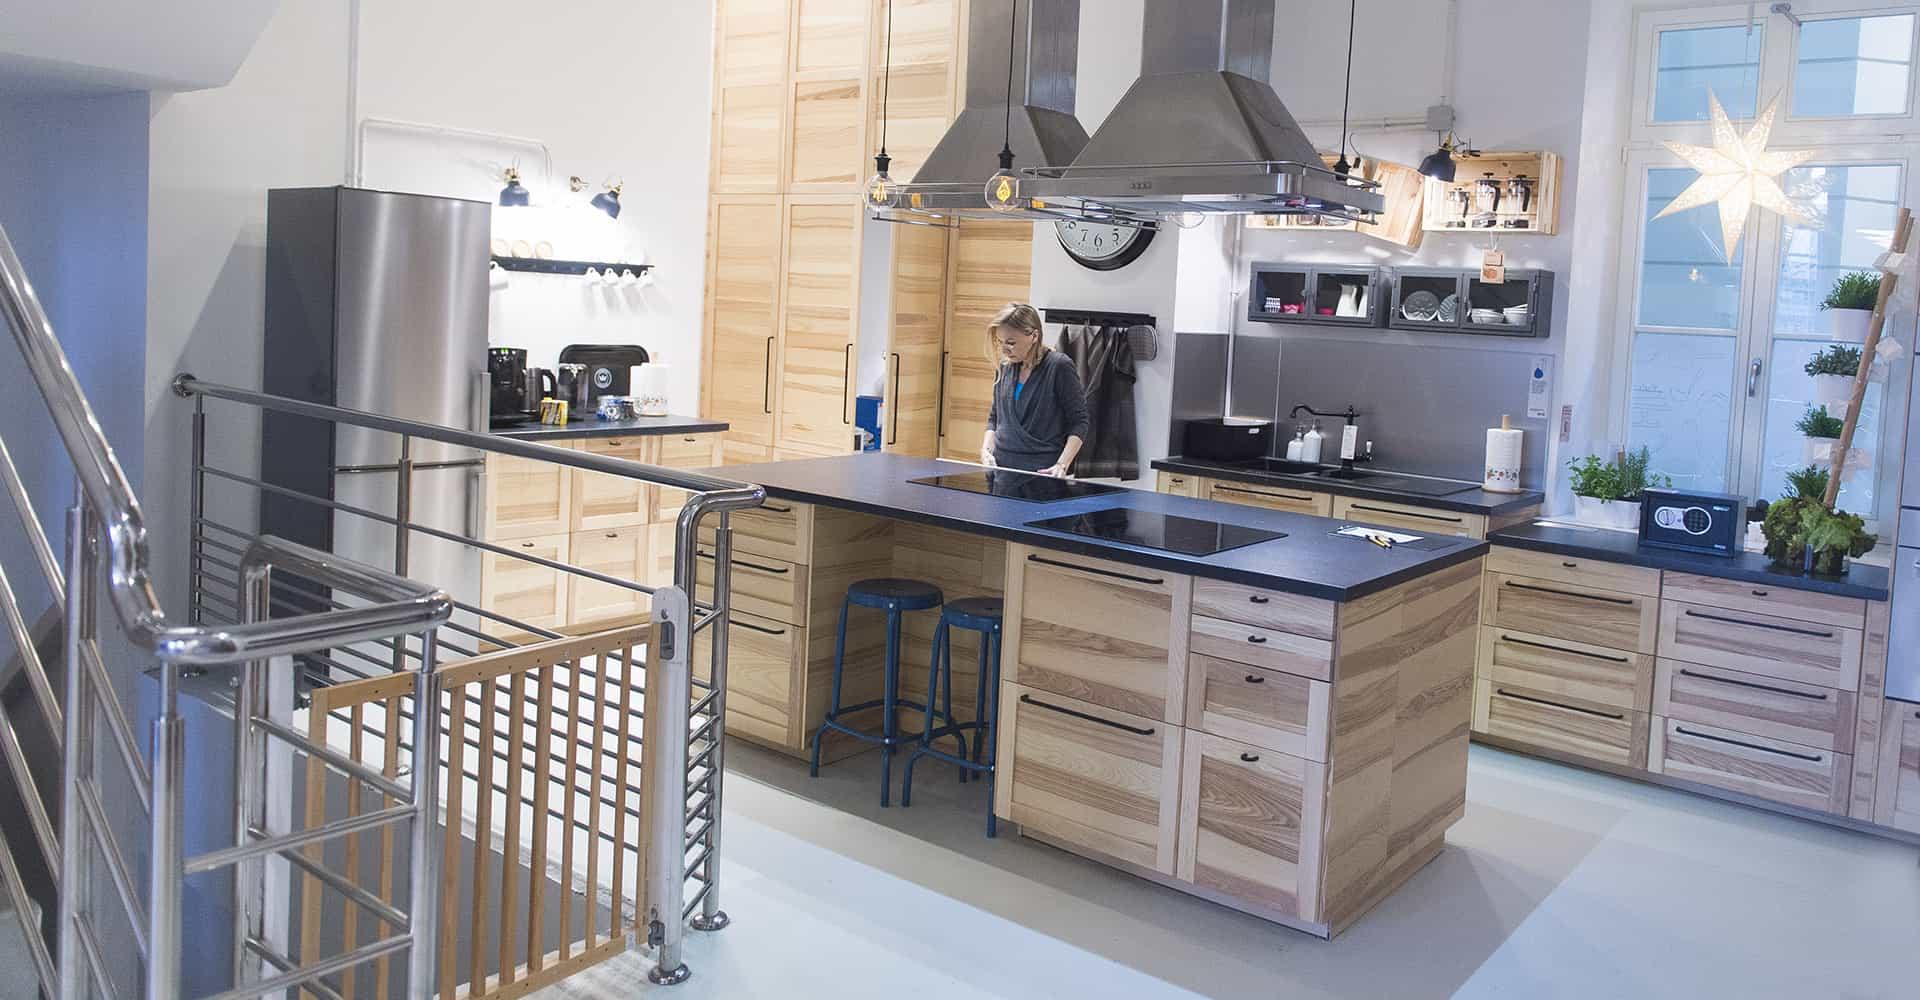 Kuchnia Spotkań Ikea Miejsce Inne Niż Wszystkie